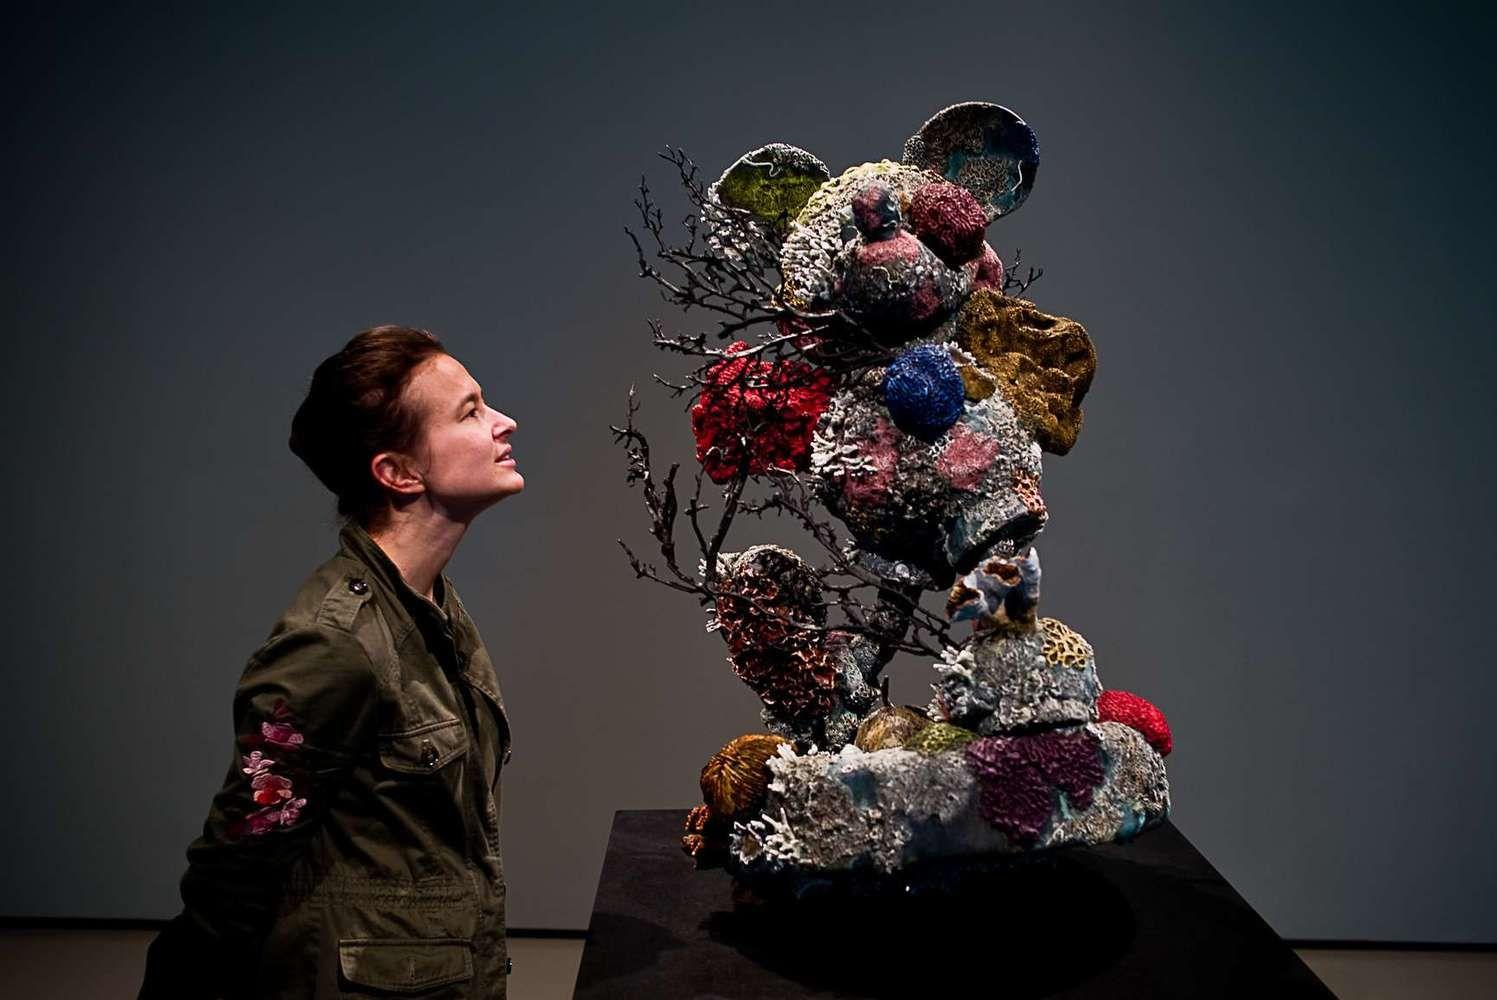 Šiuolaikinio meno pabaiga yra bedugnėse